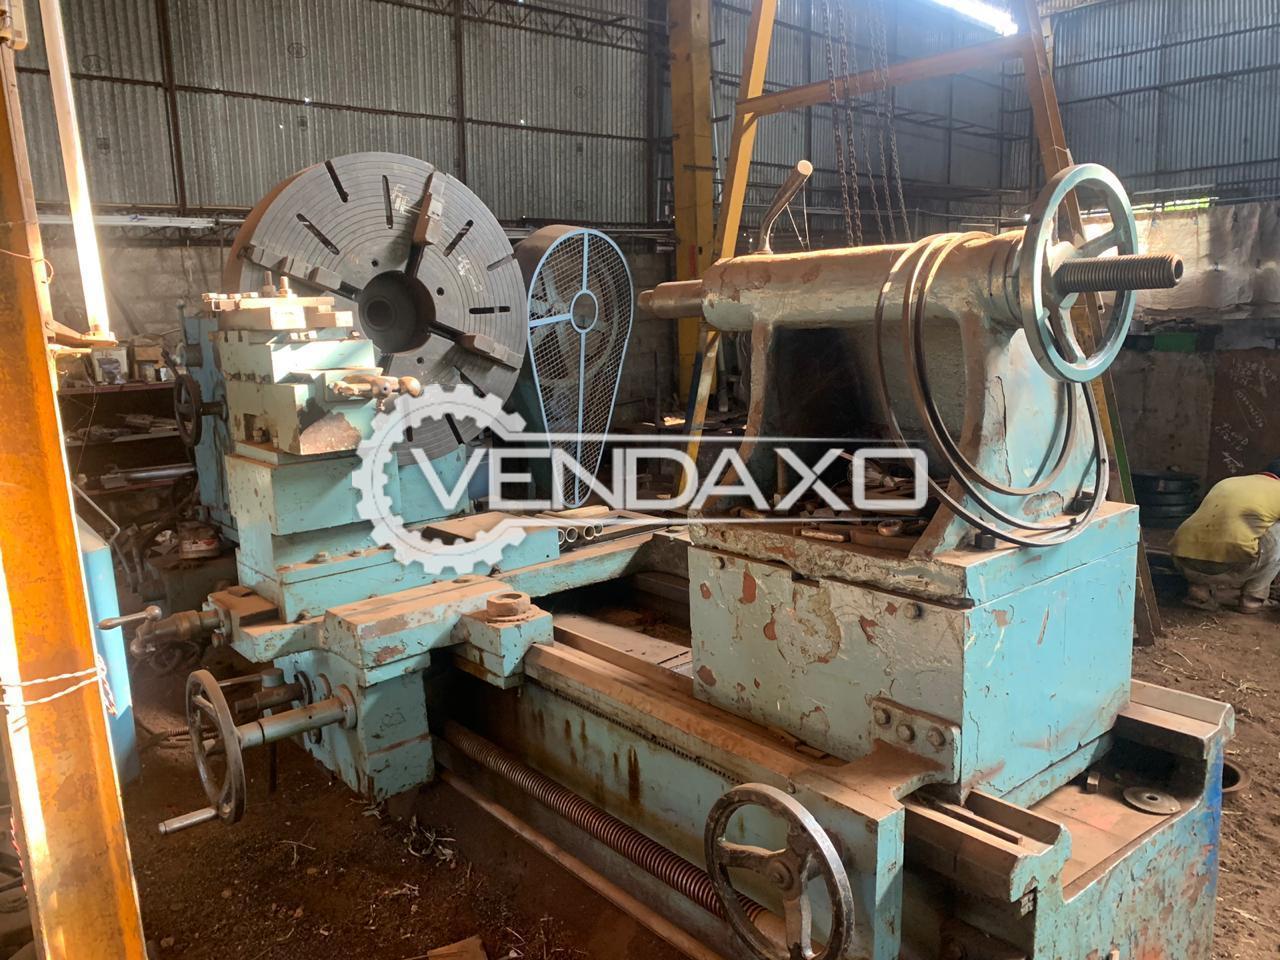 Indian Make Lathe Machine - Length : 2 meter, Center height : 1 meter